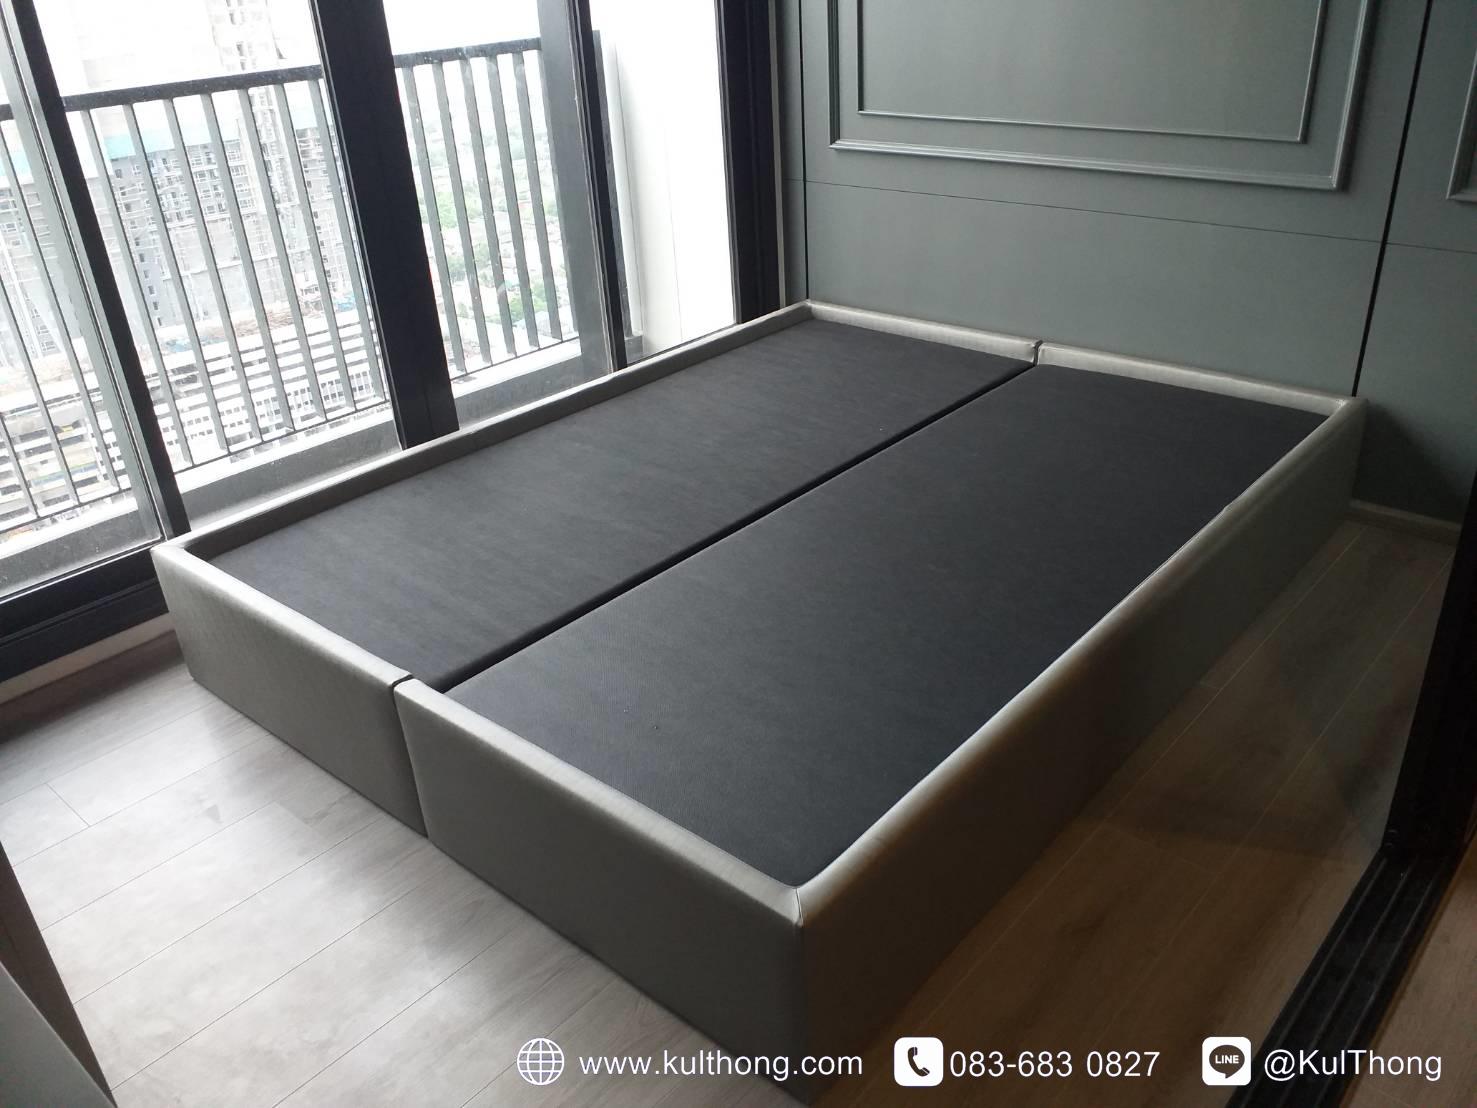 ฐานเตียงหุ้มหนัง ฐานรองที่นอน เตียงสั่งทำ